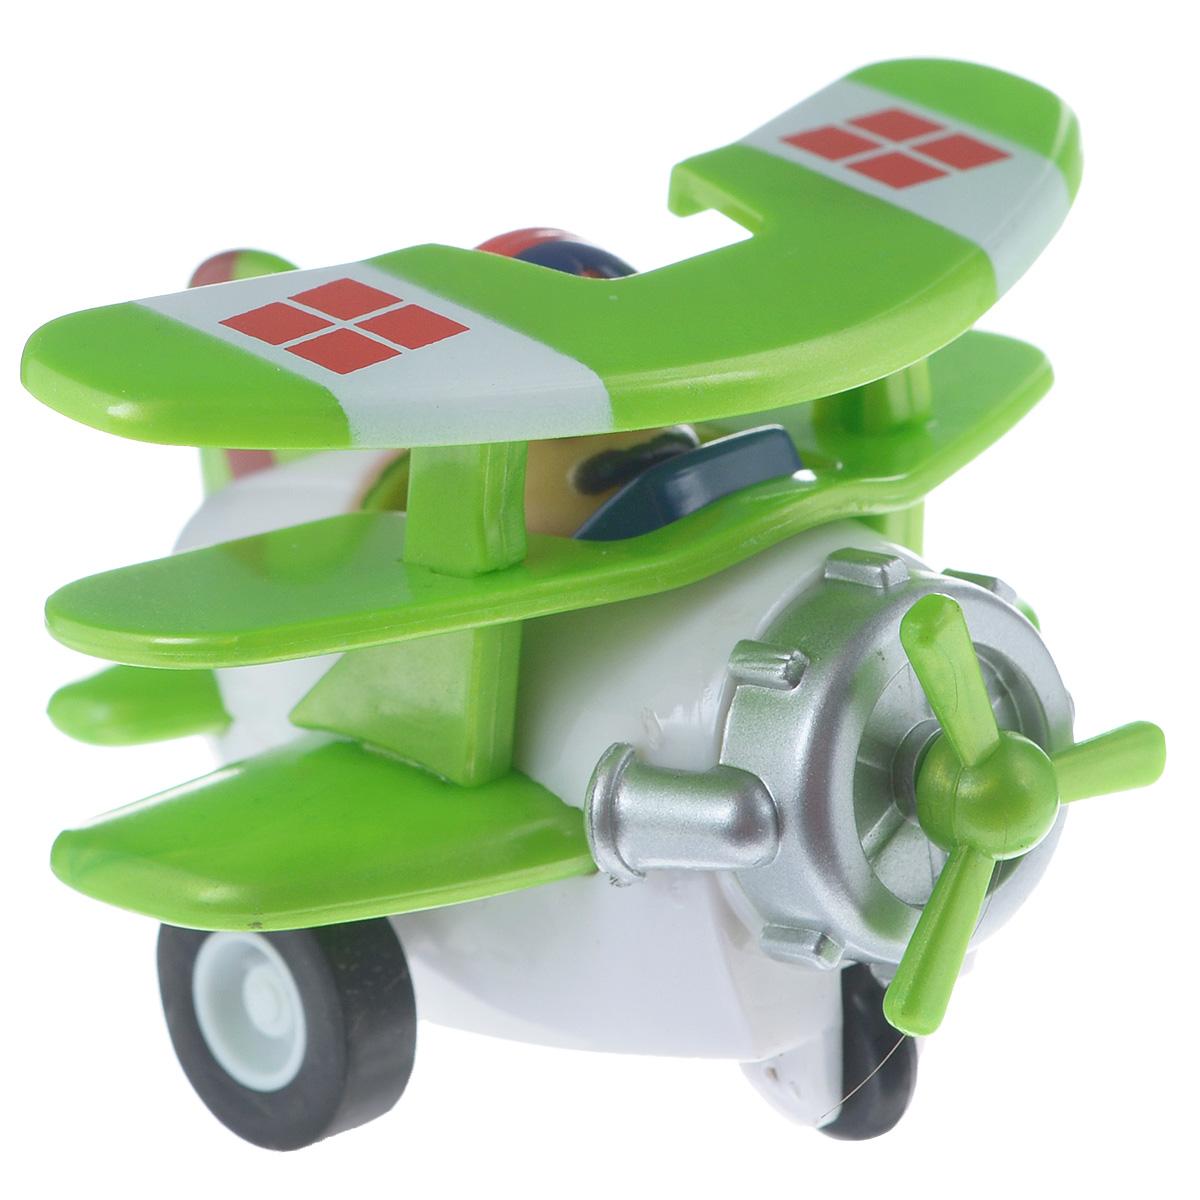 Hans Самолет инерционный цвет белый зеленый инерционный самолет джером супер крылья